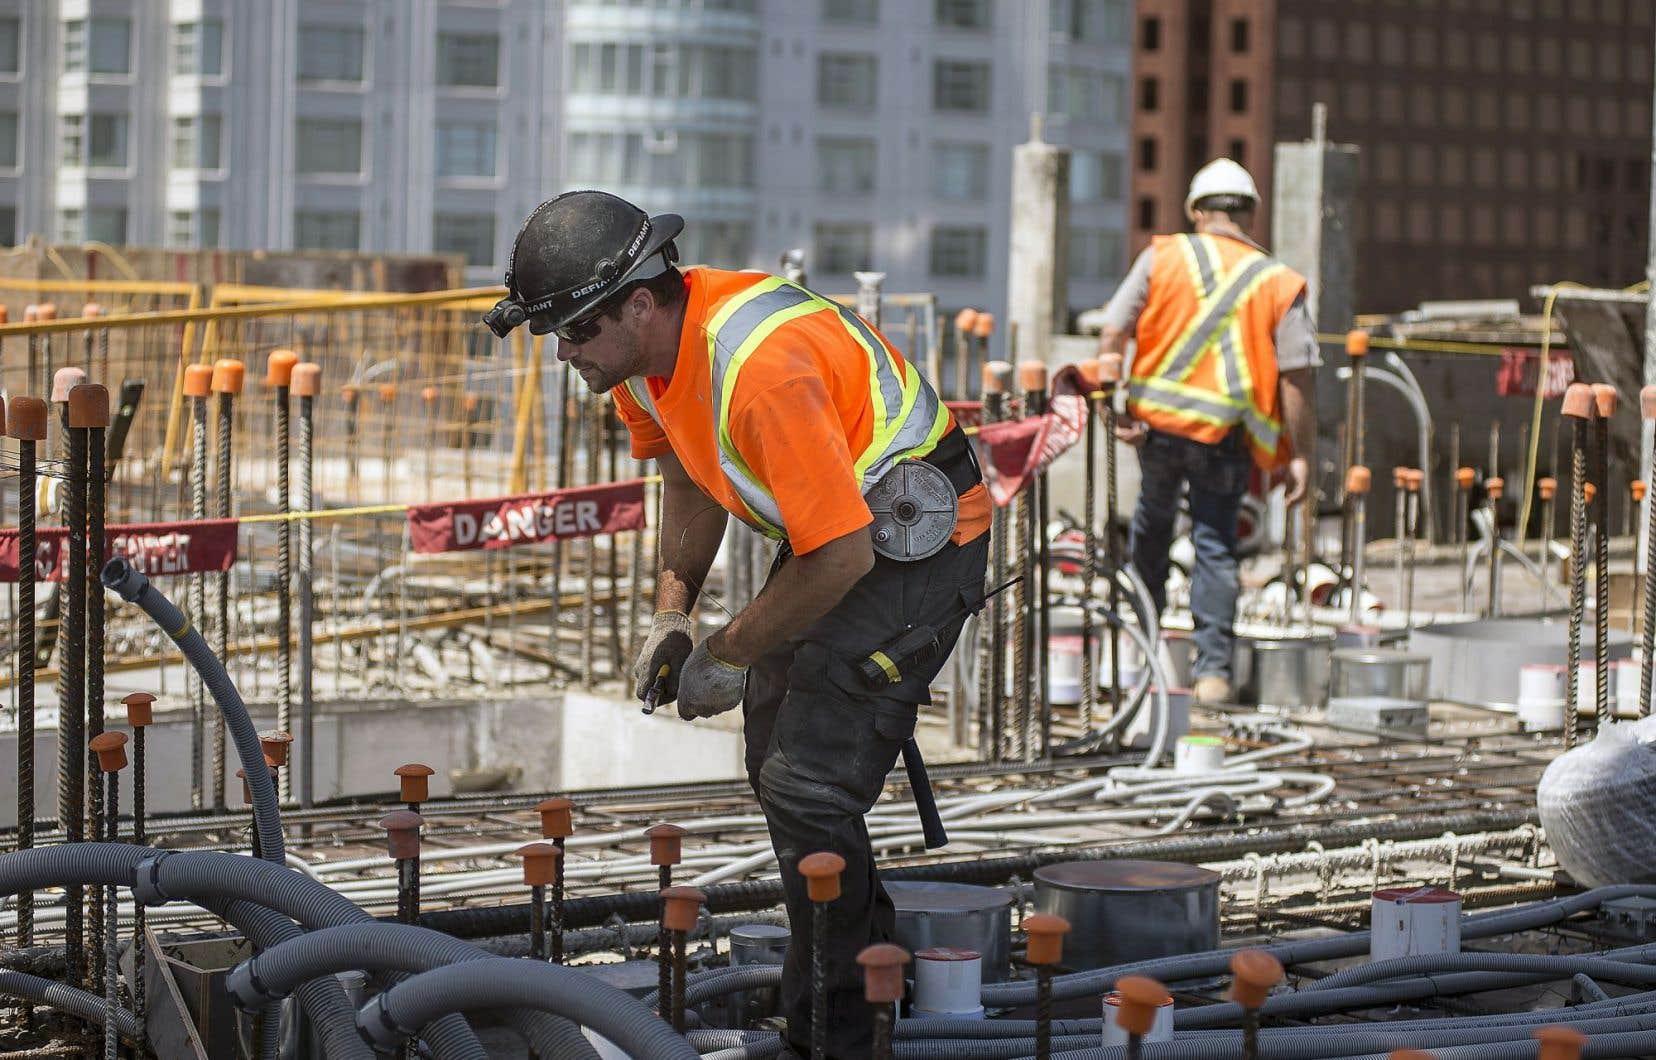 Dans les centres urbains, les mises en chantier ont progressé de 18,1% en juin pour atteindre 202702 unités, stimulées par les mises en chantier de logements collectifs, lesquelles ont gagné 26,7% à 142819 unités.